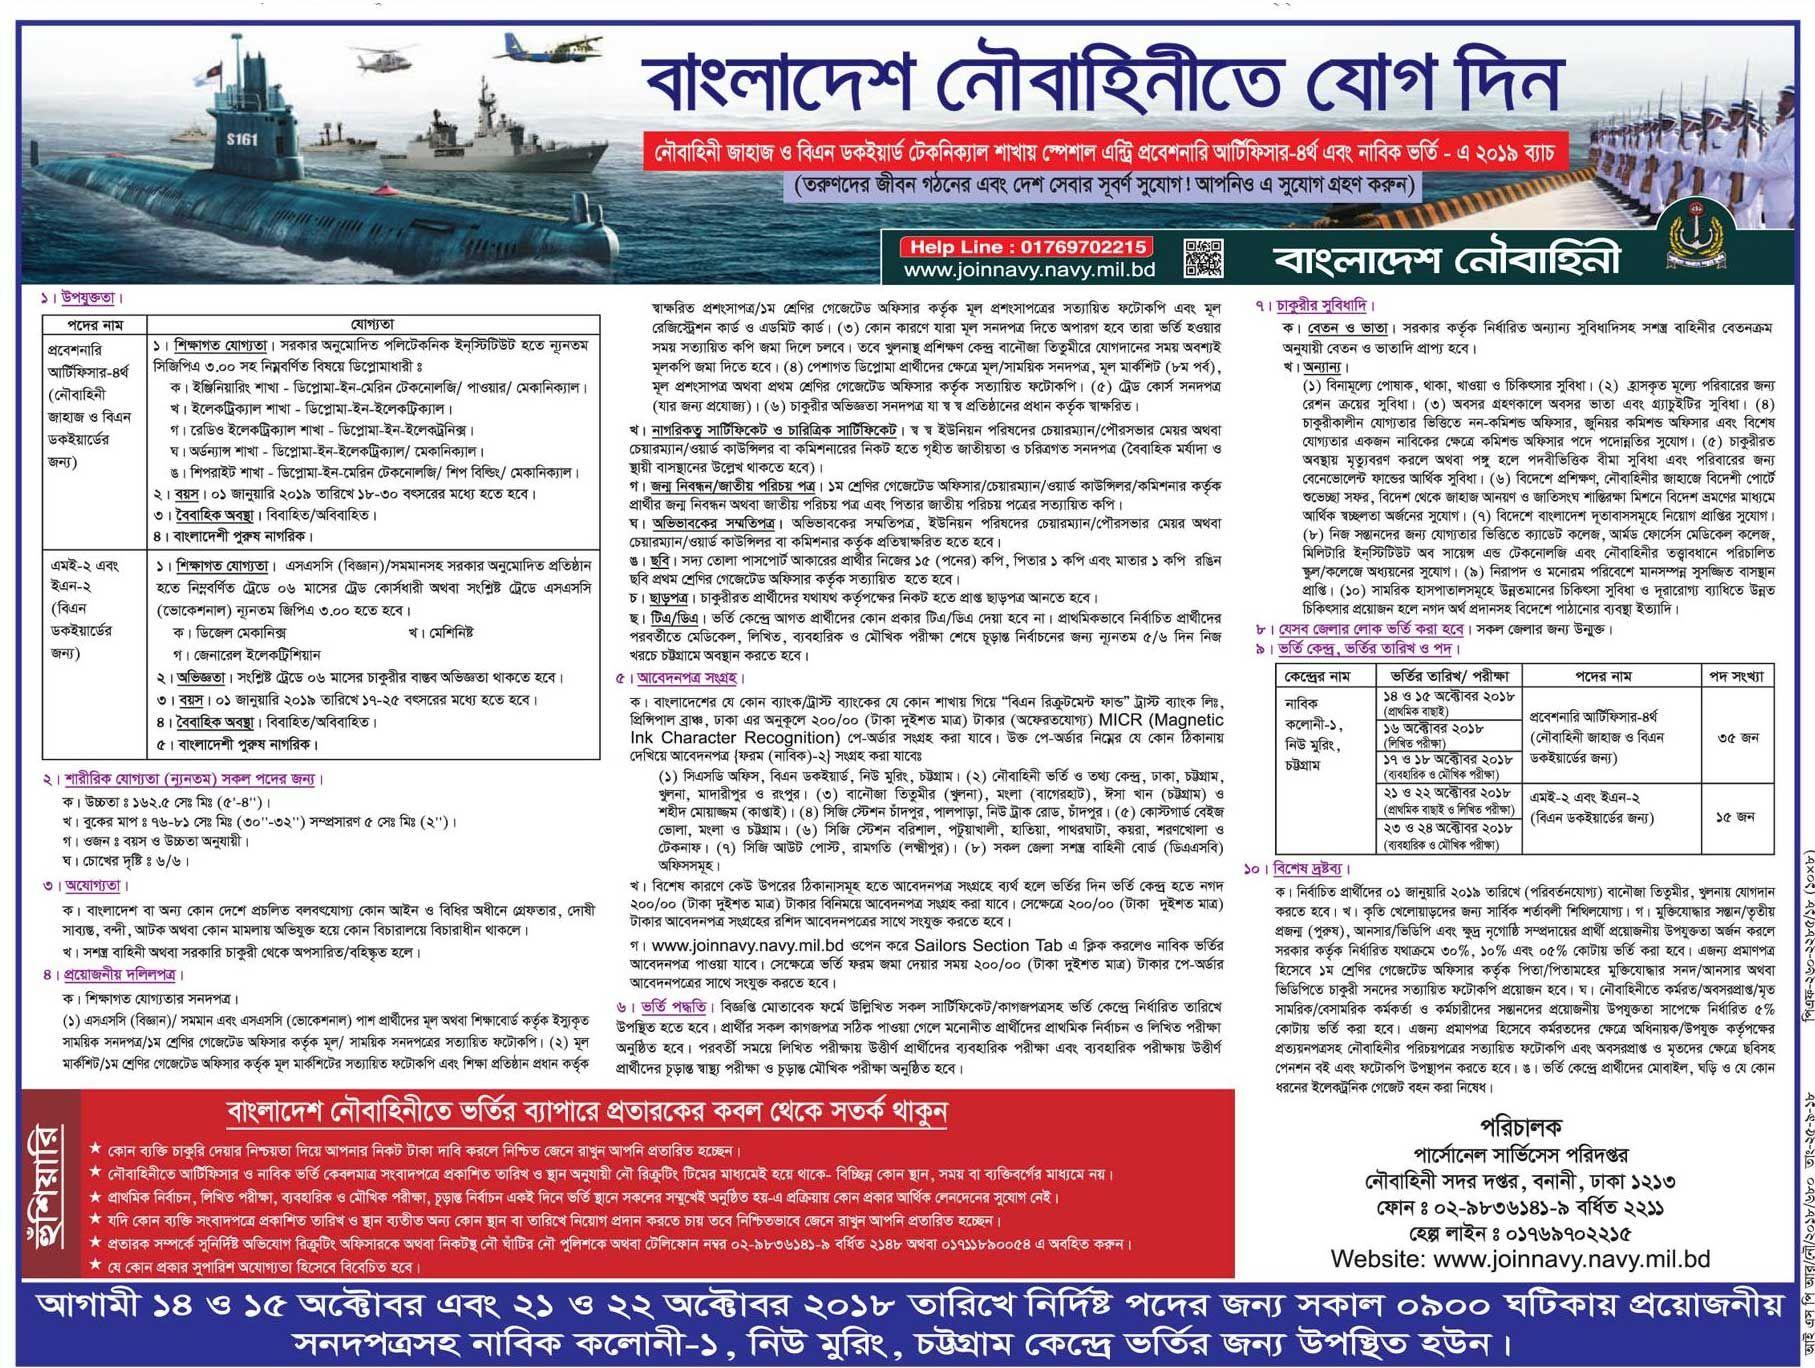 Bangladesh NAVY Jobs Circular 30.09.2018 Job circular